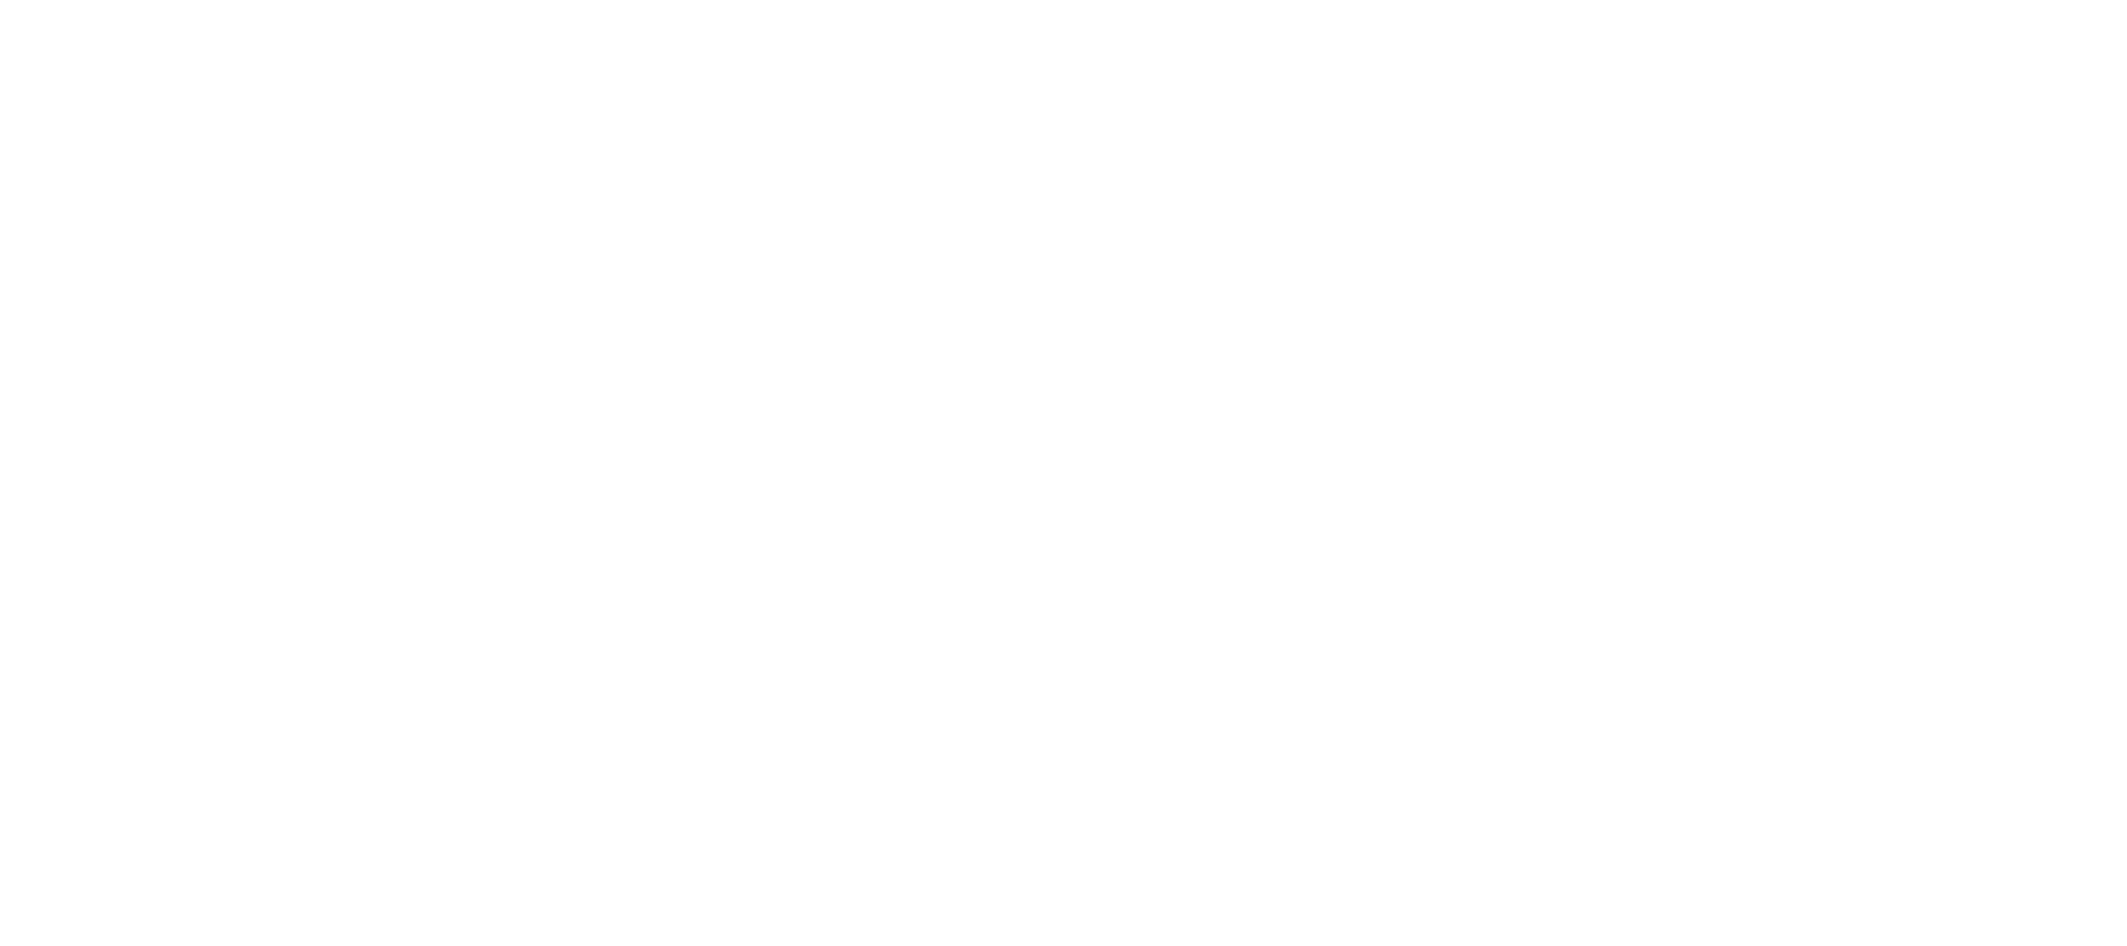 Juergens Logos 2018_WHITE_Embellish.png